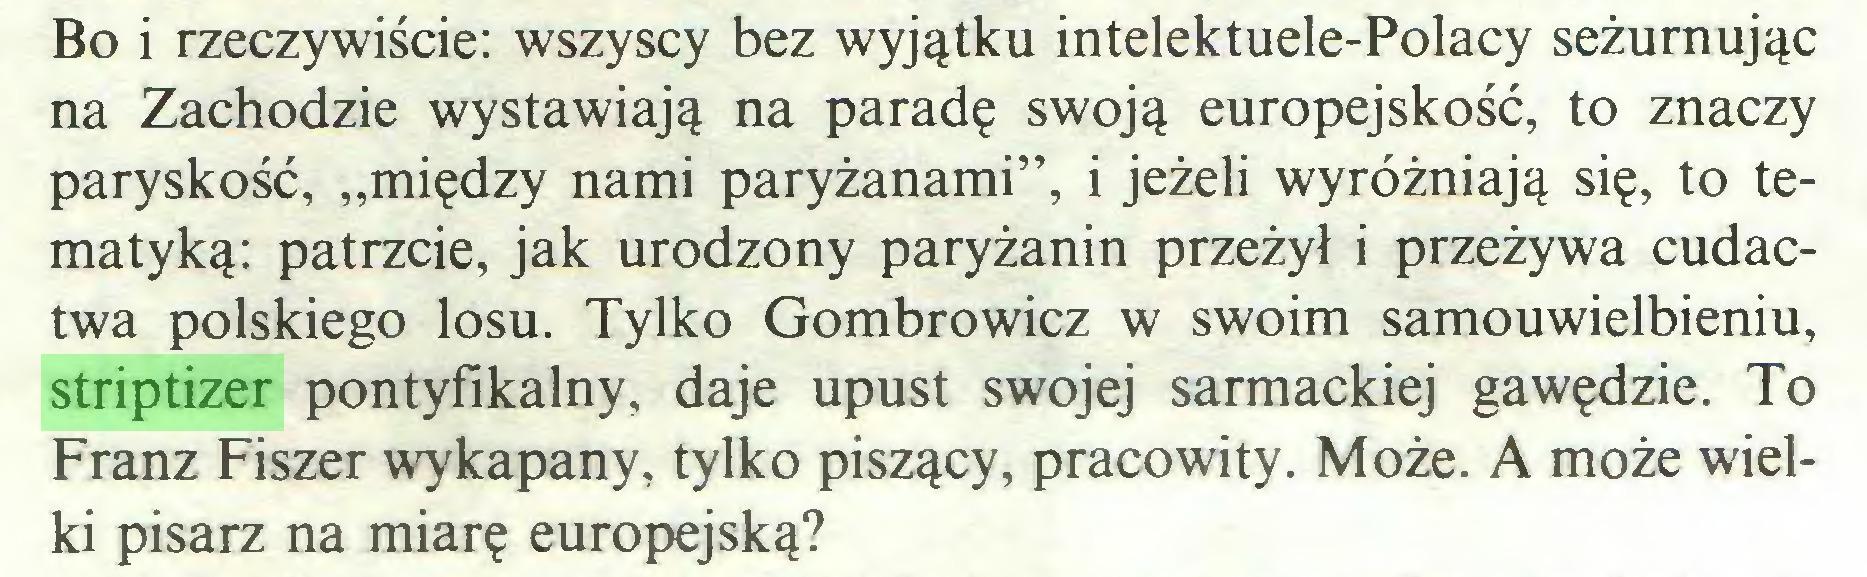 """(...) Bo i rzeczywiście: wszyscy bez wyjątku intelektuele-Polacy seżurnując na Zachodzie wystawiają na paradę swoją europejskość, to znaczy paryskość, """"między nami paryżanami"""", i jeżeli wyróżniają się, to tematyką: patrzcie, jak urodzony paryżanin przeżył i przeżywa cudactwa polskiego losu. Tylko Gombrowicz w swoim samouwielbieniu, striptizer pontyfikalny, daje upust swojej sarmackiej gawędzie. To Franz Fiszer wykapany, tylko piszący, pracowity. Może. A może wielki pisarz na miarę europejską?..."""